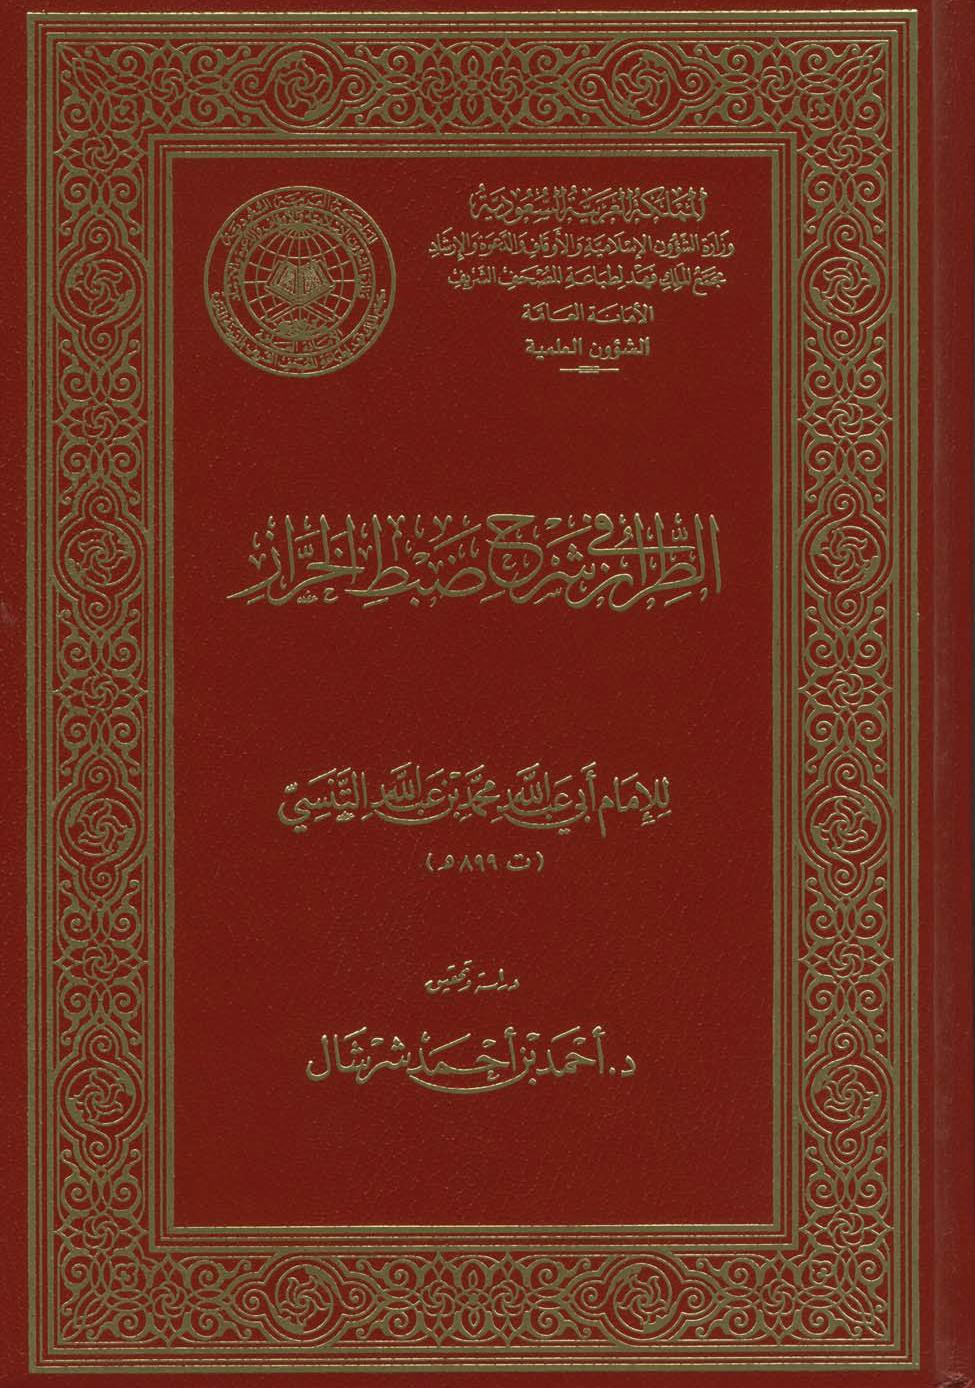 تحميل كتاب الطراز في شرح ضبط الخراز لـِ: الإمام أبو عبد الله محمد بن عبد الجليل التنسي التلمساني (ت 899)